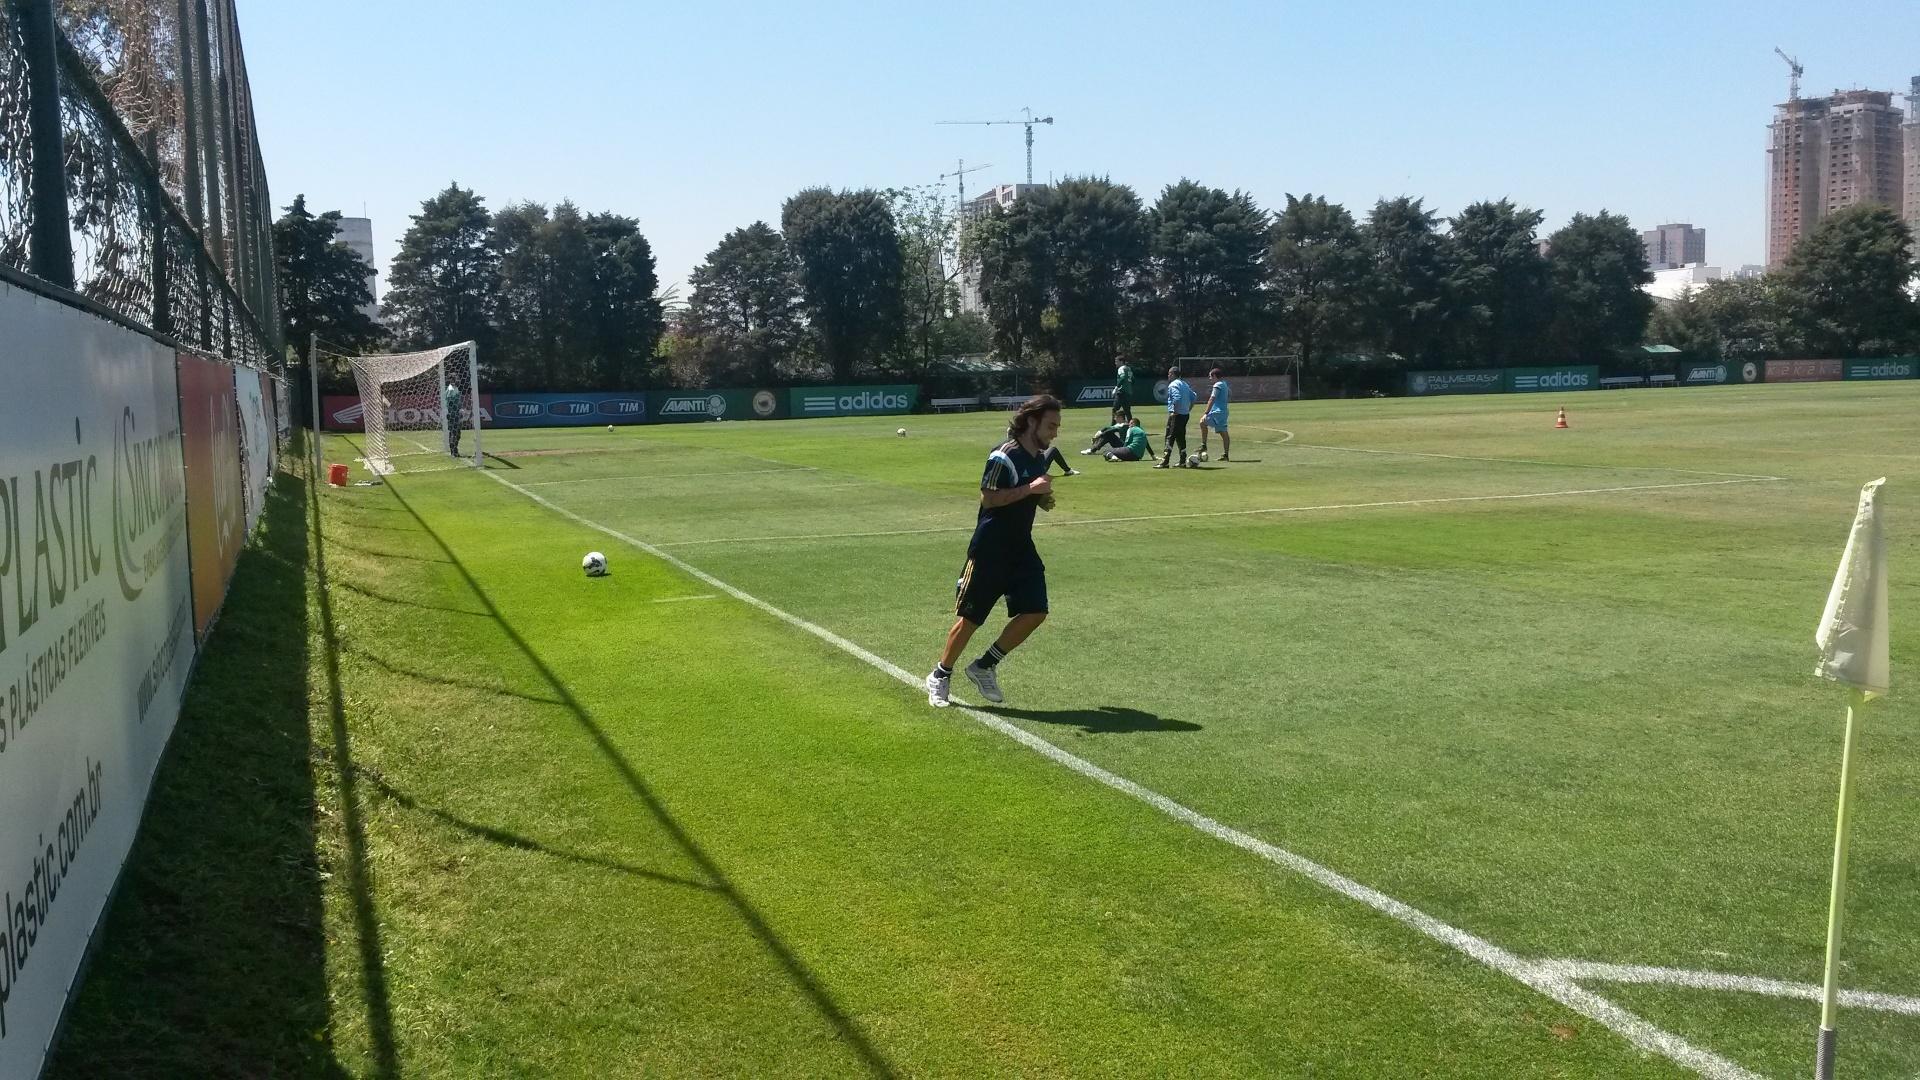 Valdivia corre em volta do gramado na Academia de Futebol do Palmeiras